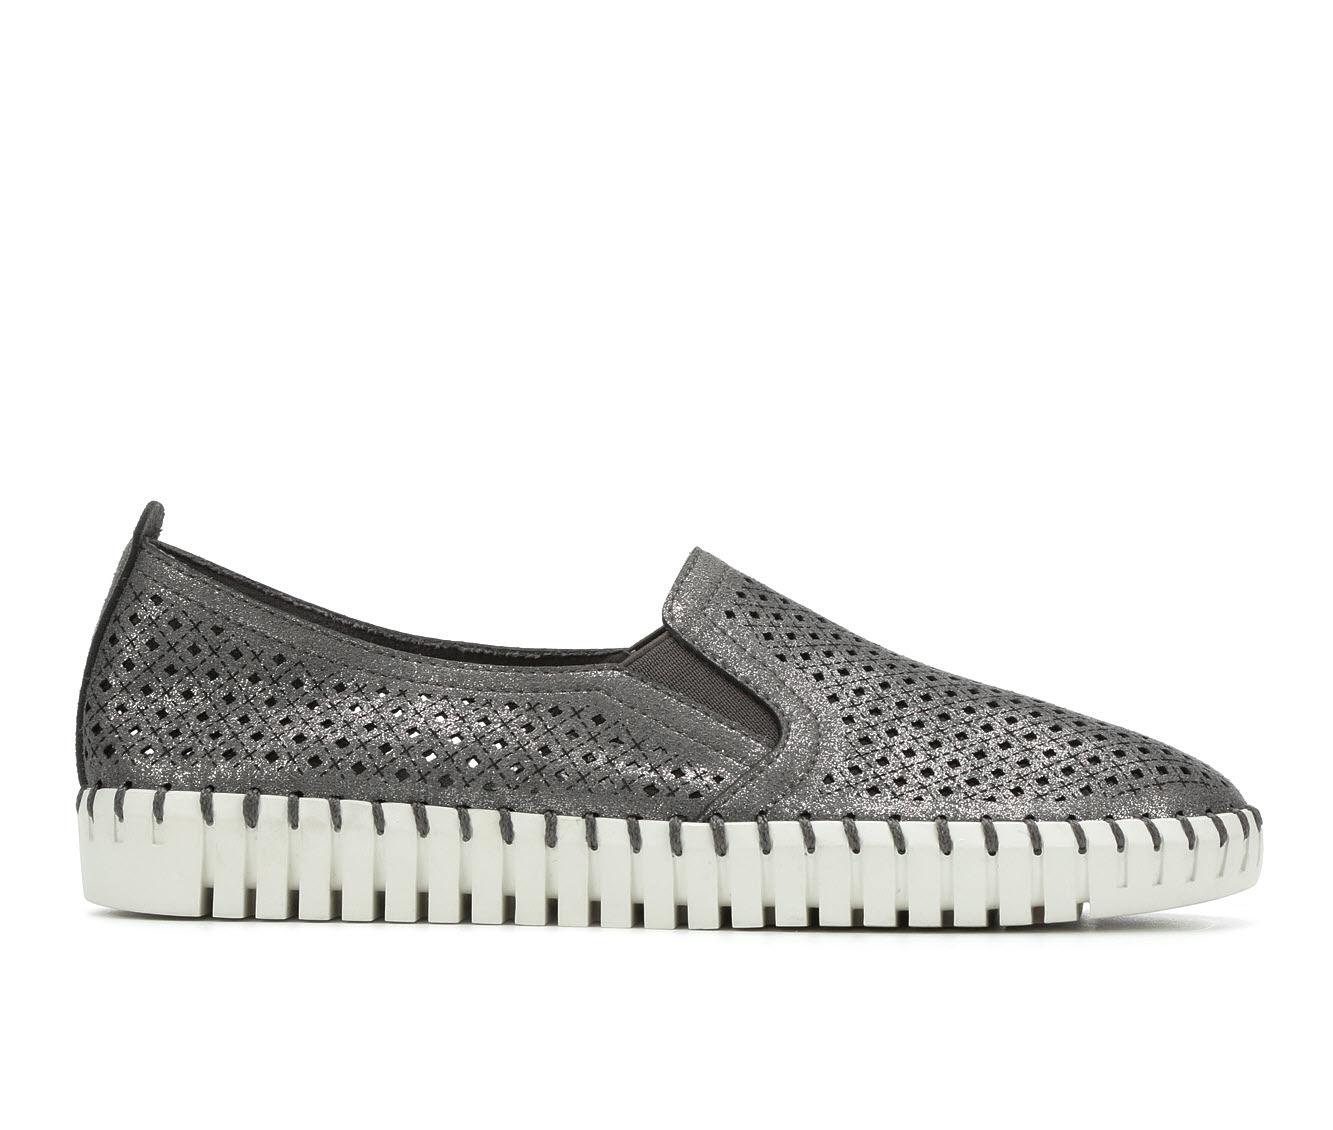 Skechers Memorable 27052 Women's Shoe (Gray Faux Leather)